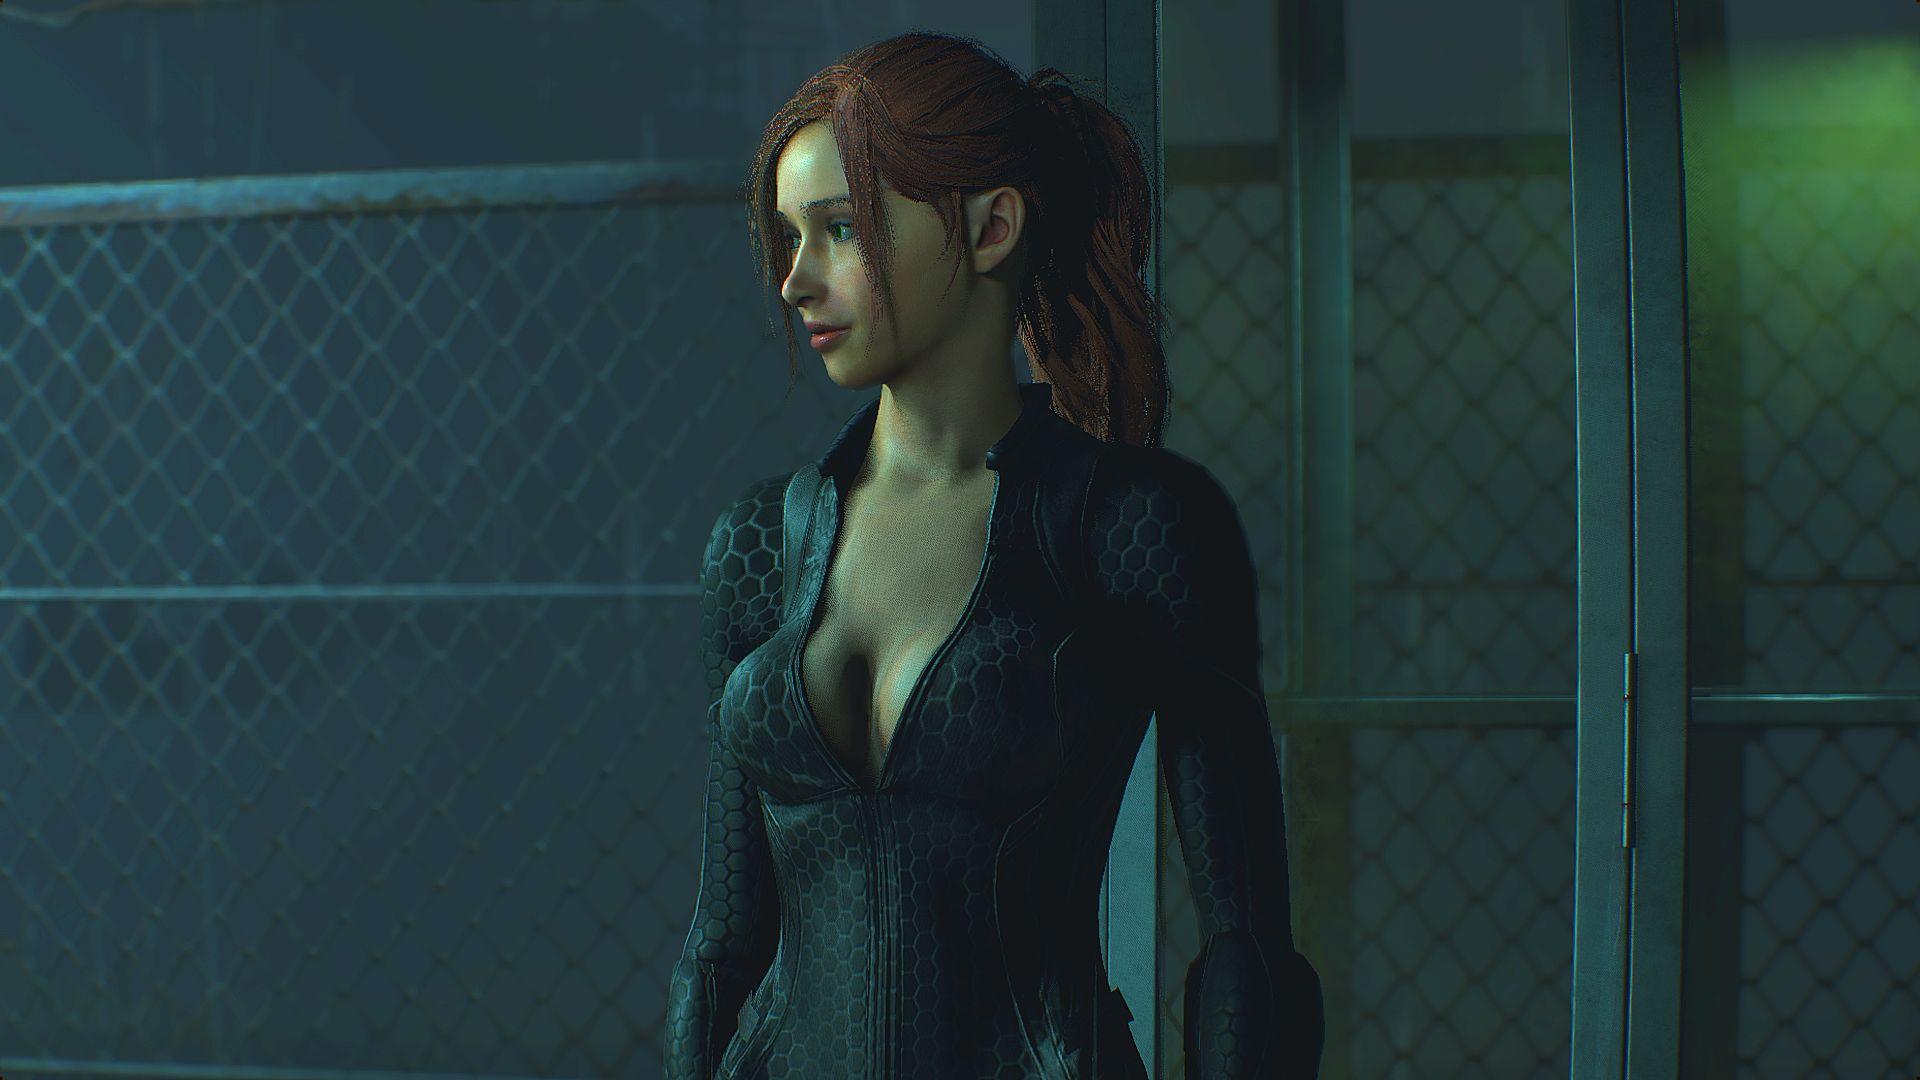 001302.Jpg - Resident Evil 2